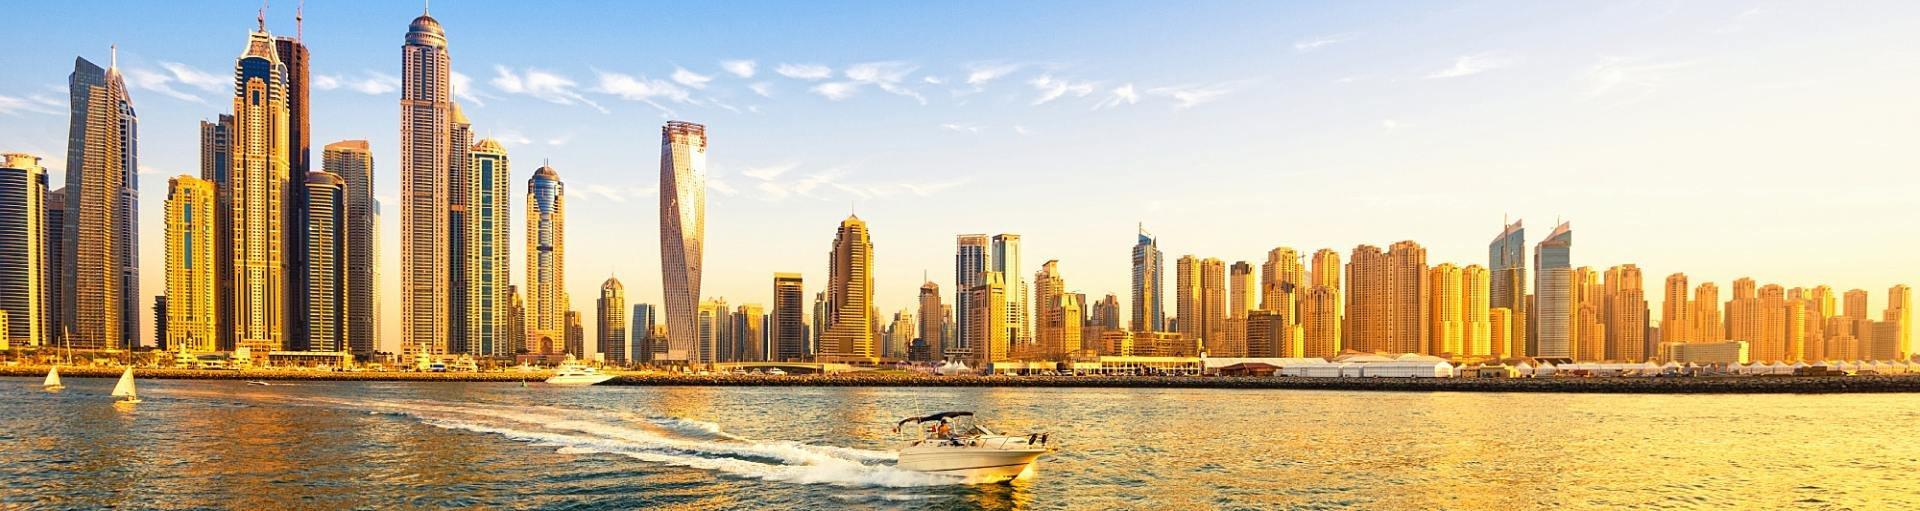 Emirate femeie datand Cele mai bune locuri de intalnire din lume